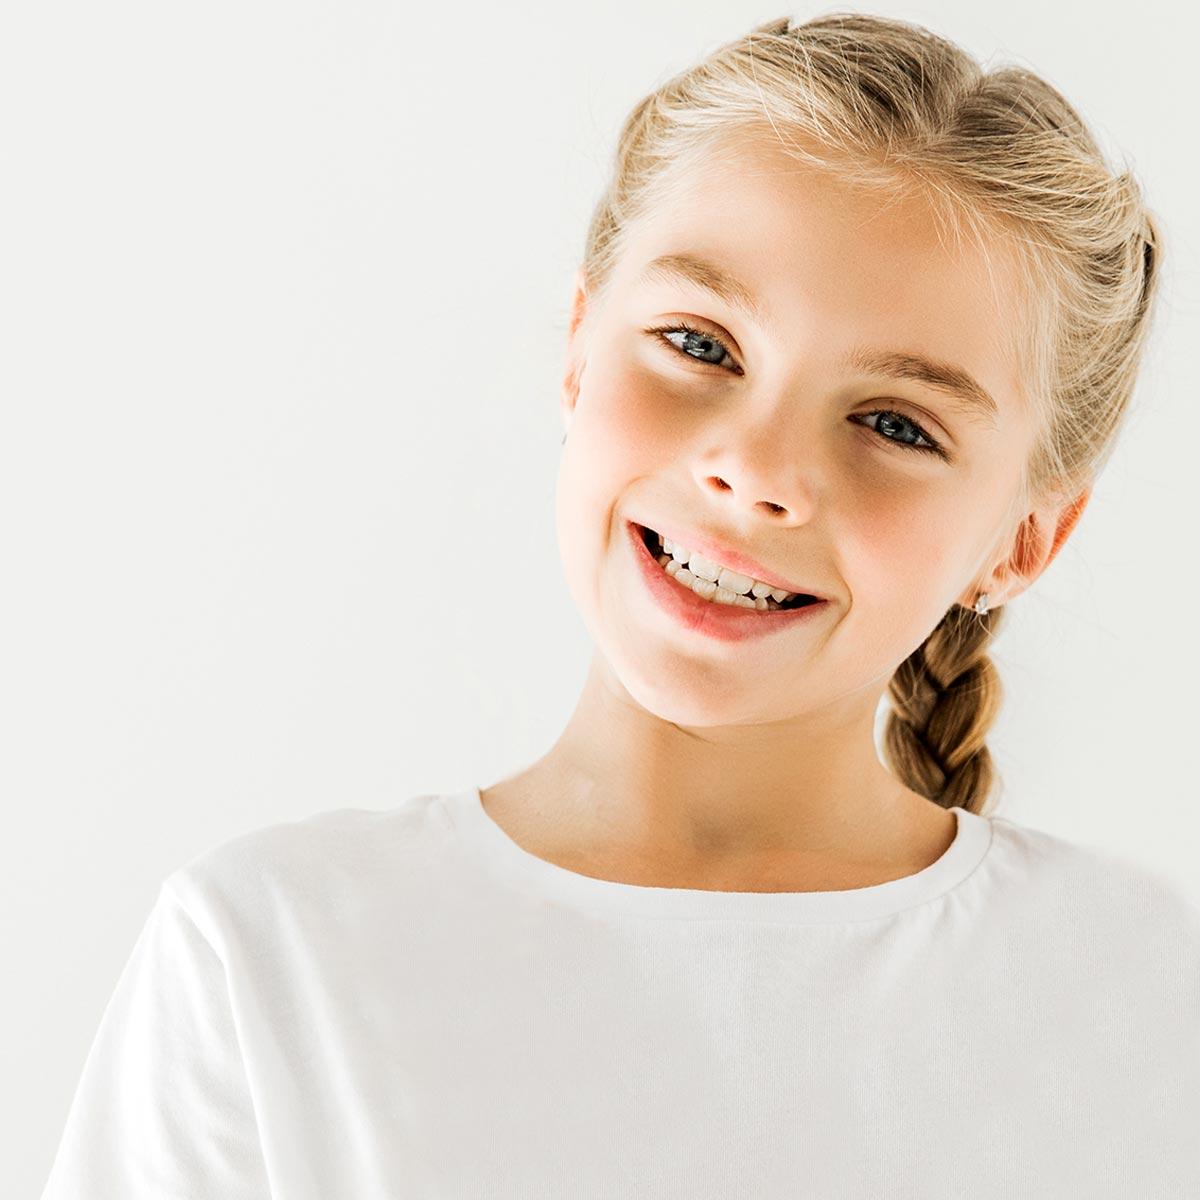 clinica-dental-patricia-clinica-dental-getafe-dentista-getafe-tonalidad-dental-3